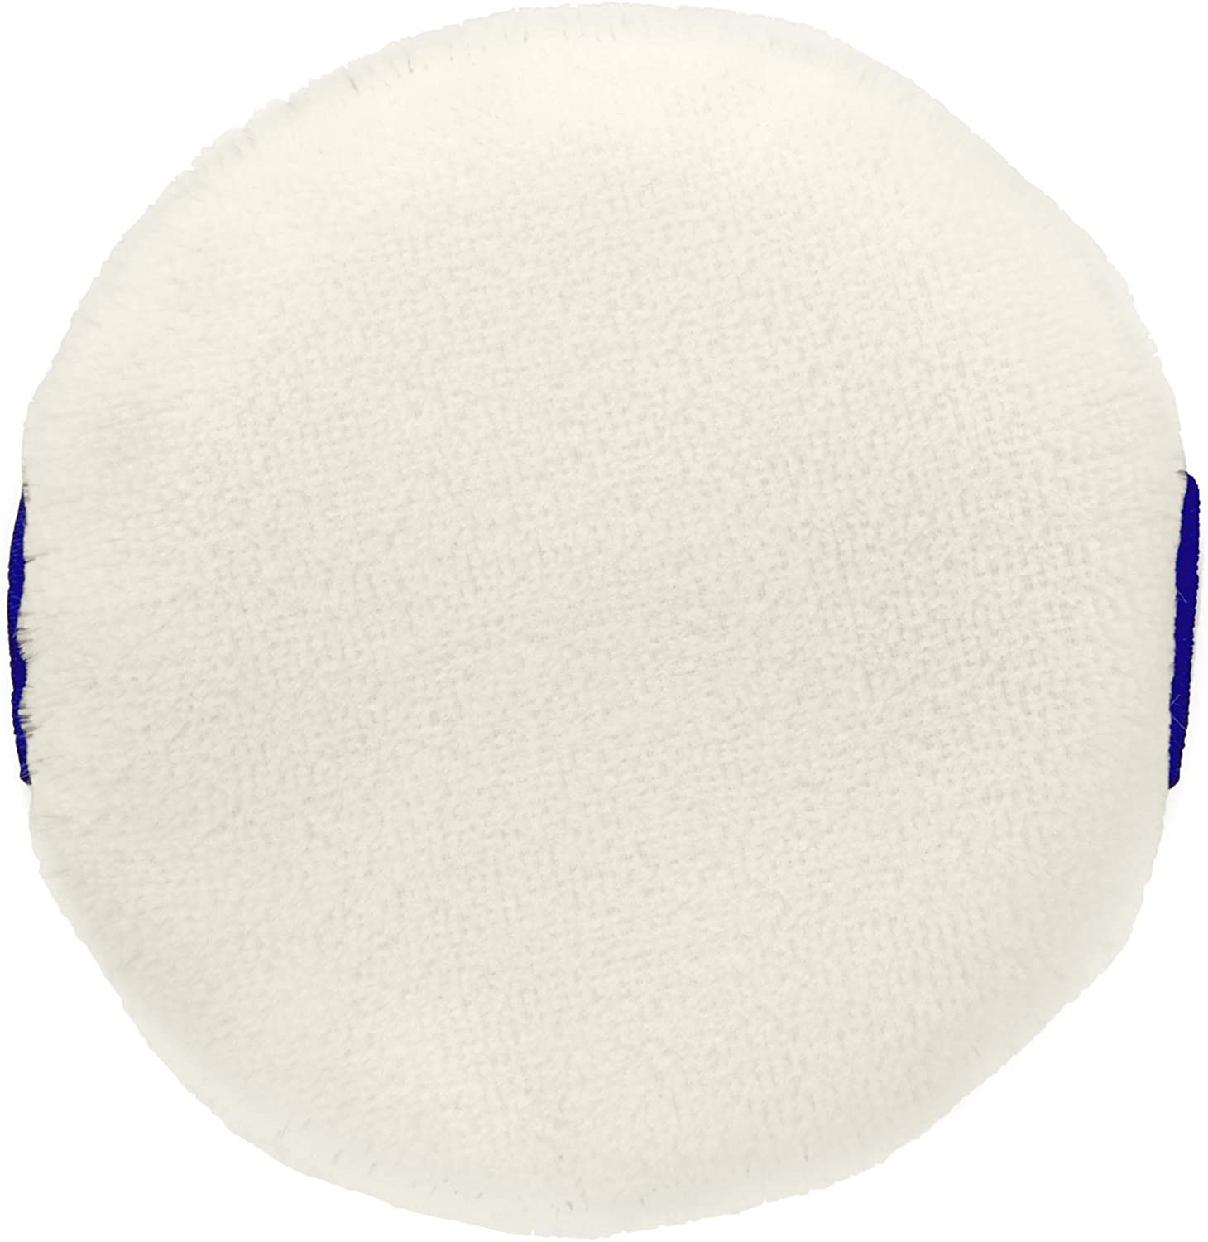 TRANSINO(トランシーノ) 薬用UVパウダーnの商品画像7